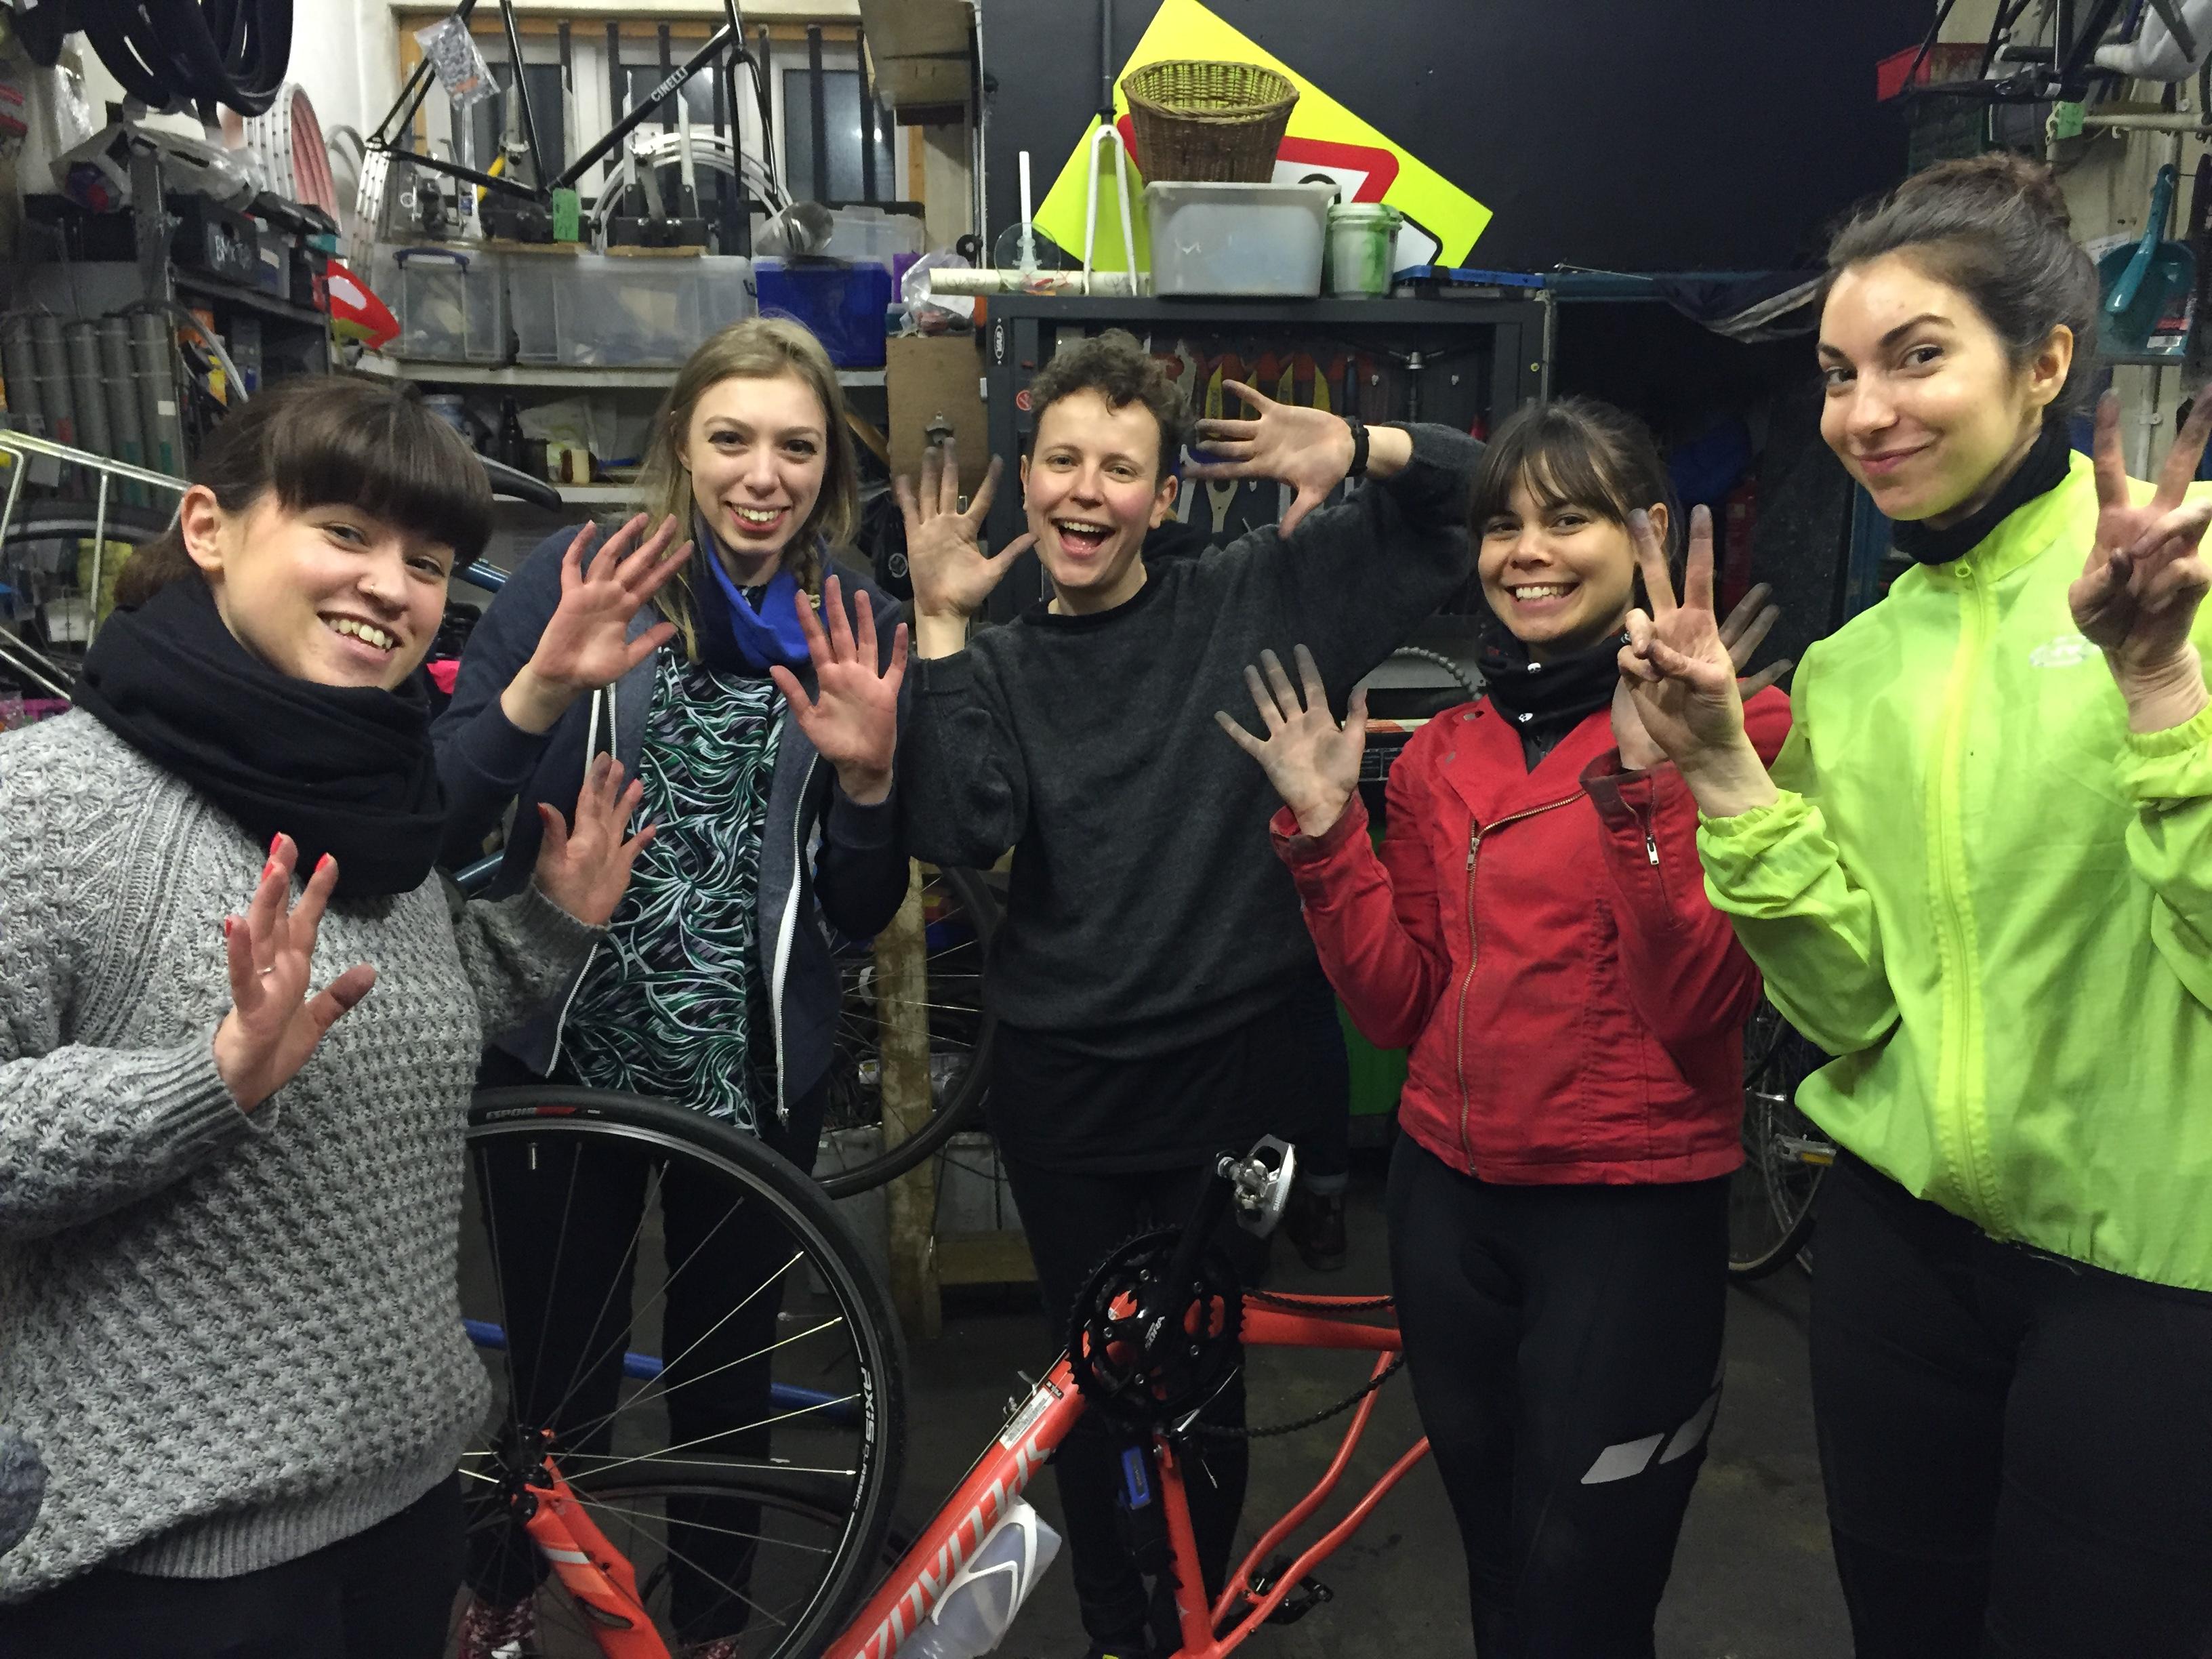 London Bike Kitchen undefined classes in London